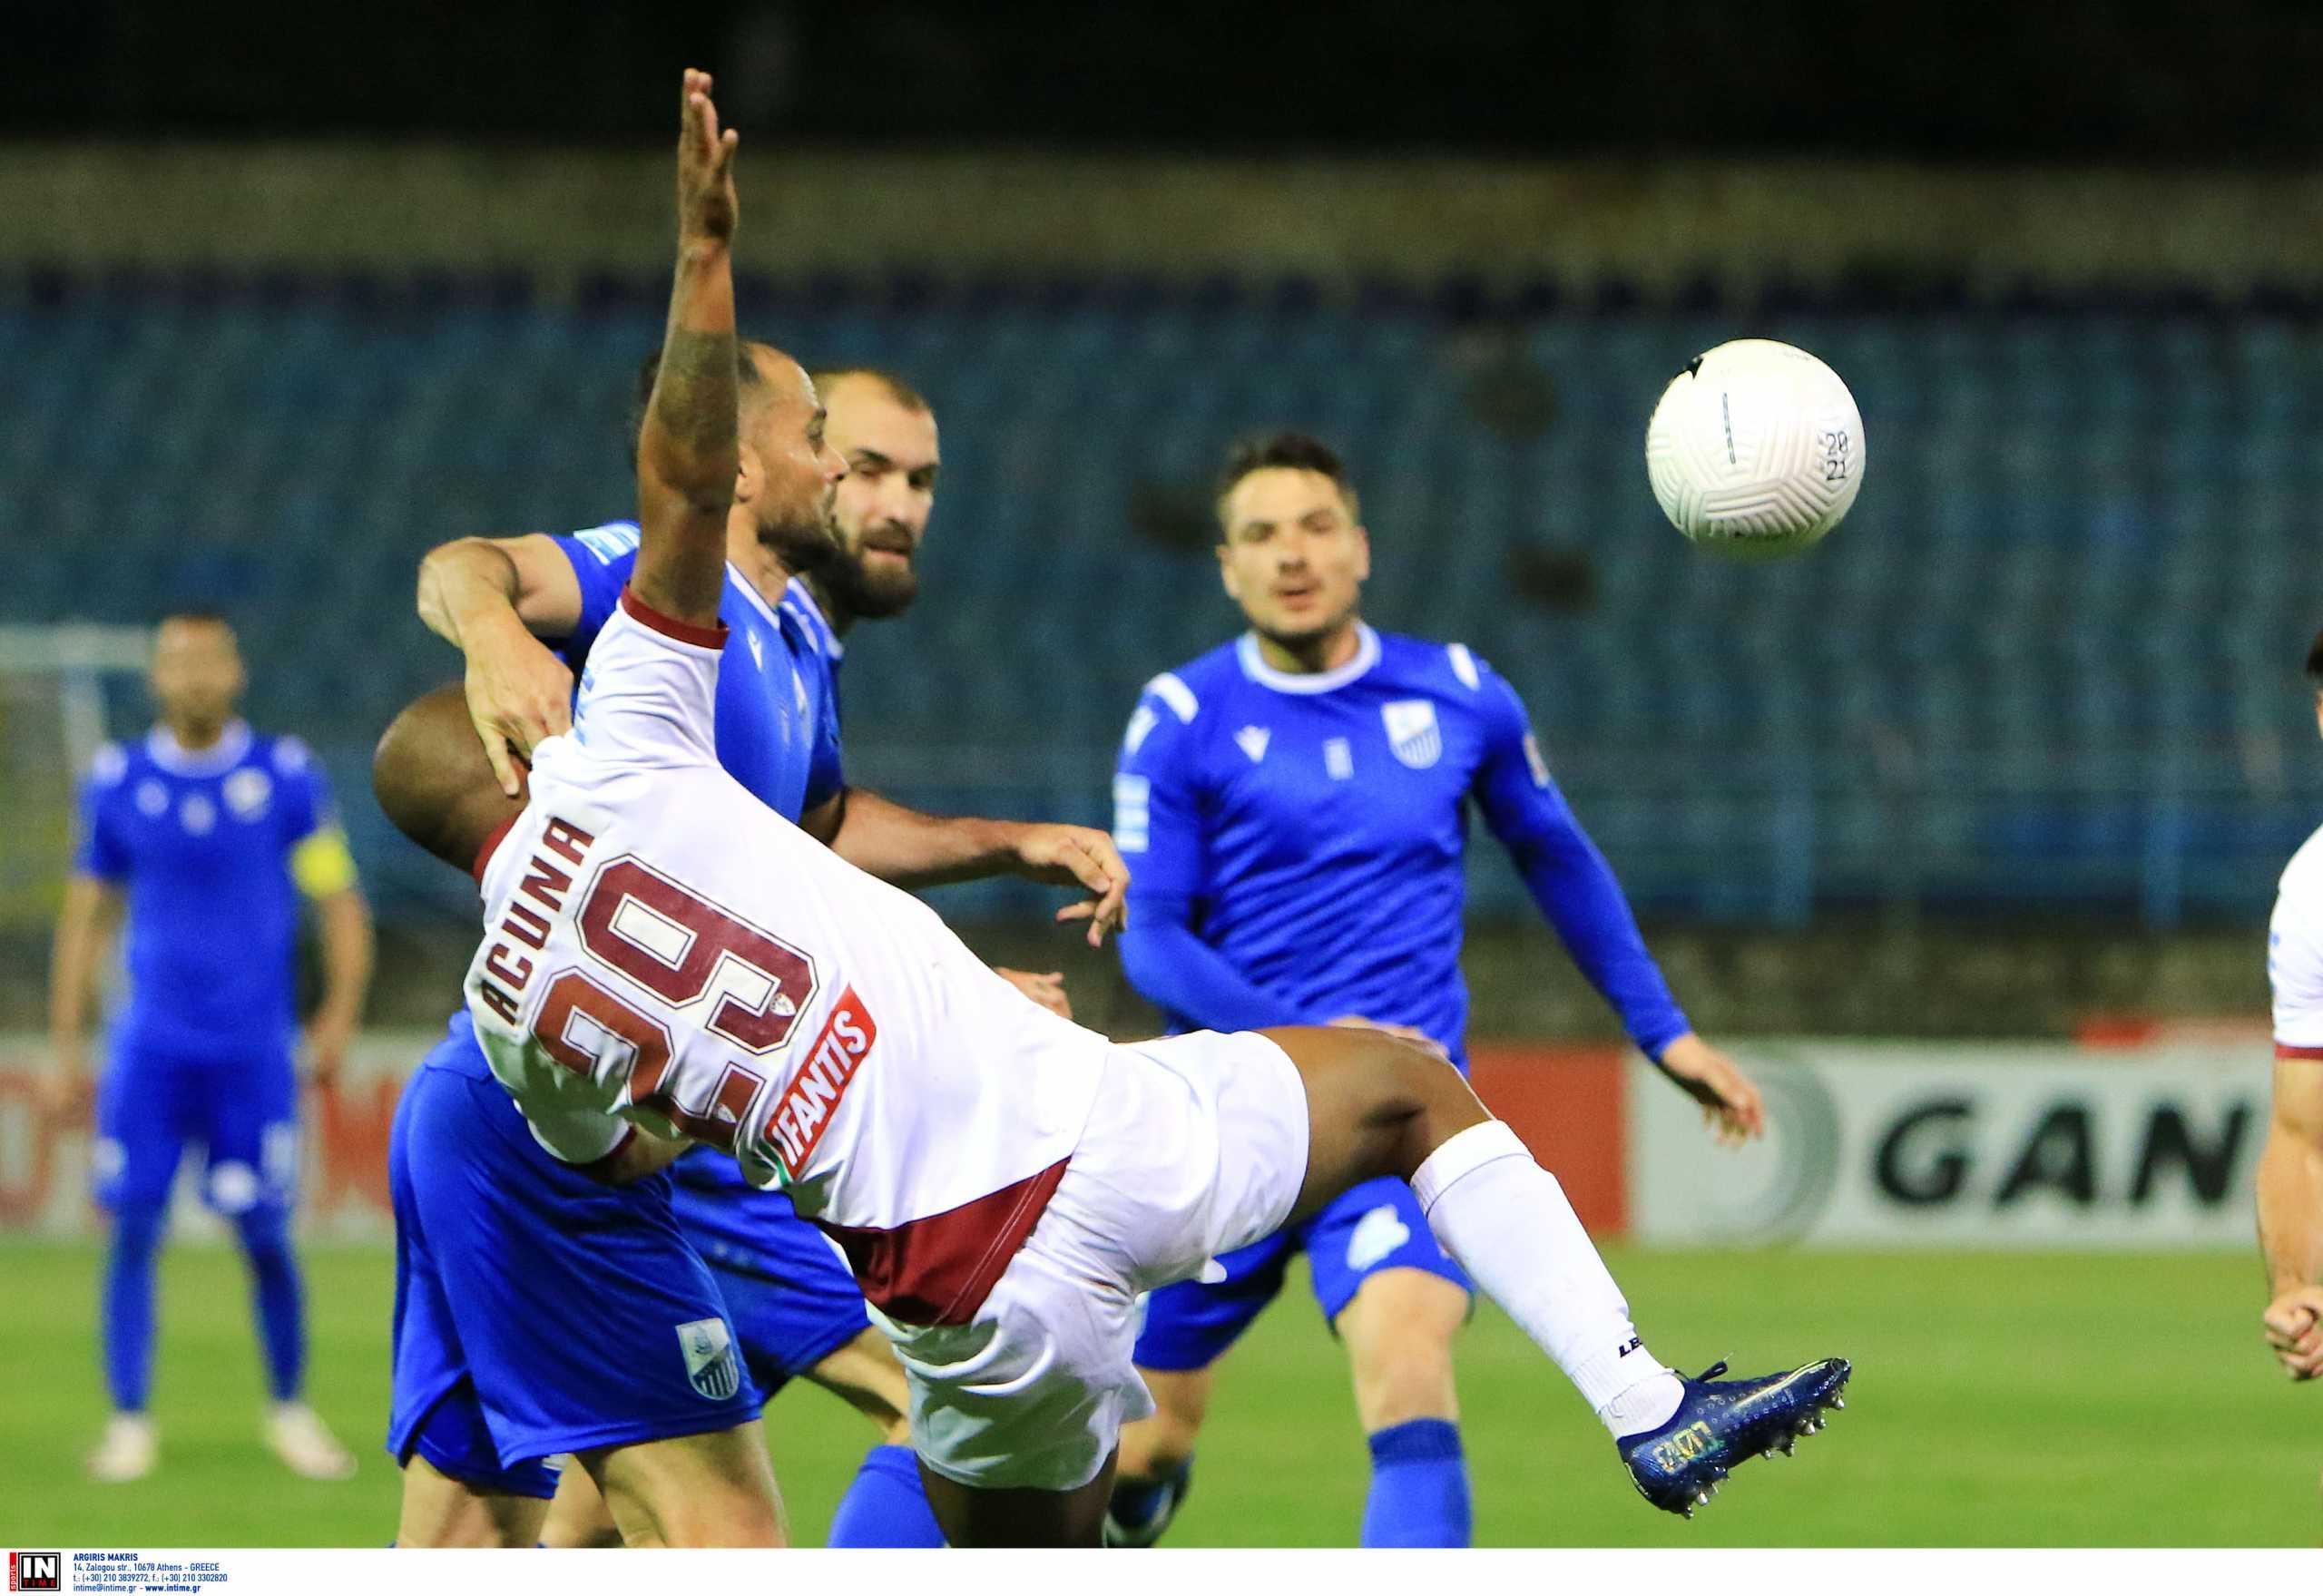 Βαθμολογία πλέι άουτ Superleague: Ισόβαθμοι στην τελευταία θέση ΑΕΛ και Παναιτωλικός